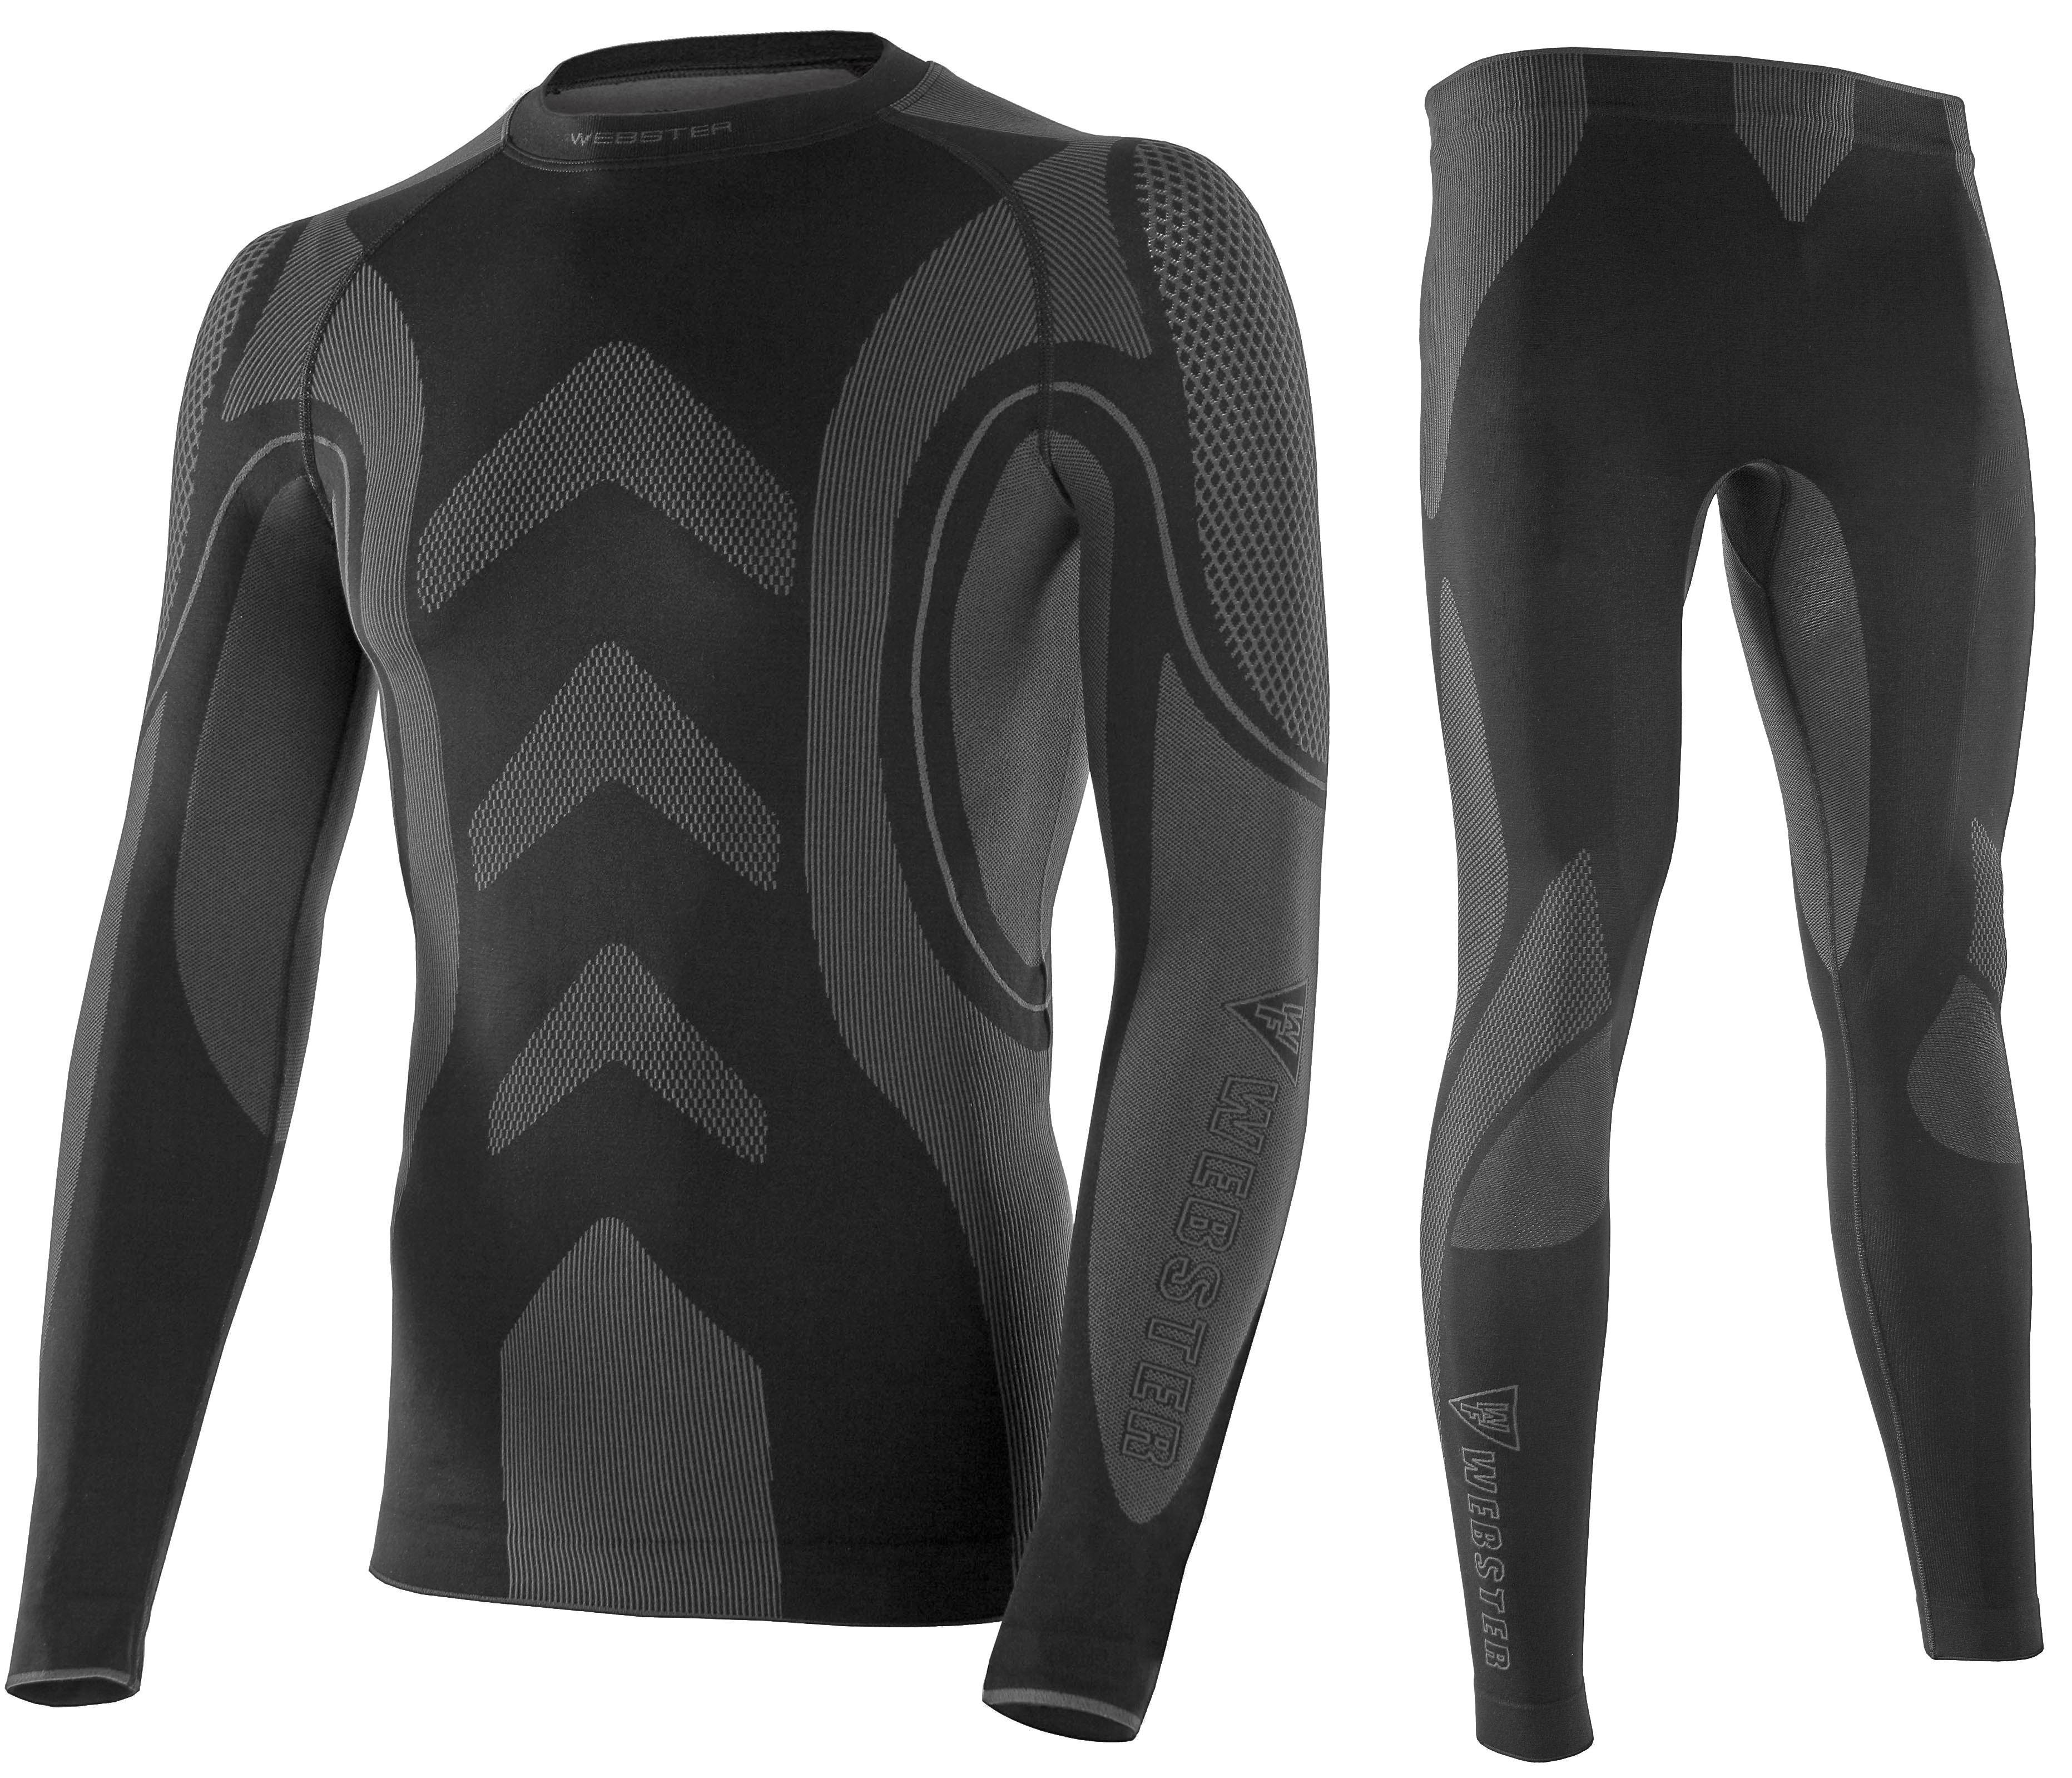 Bielizna termoaktywna WEBSTER męska XL czarna (koszulka+spodnie)